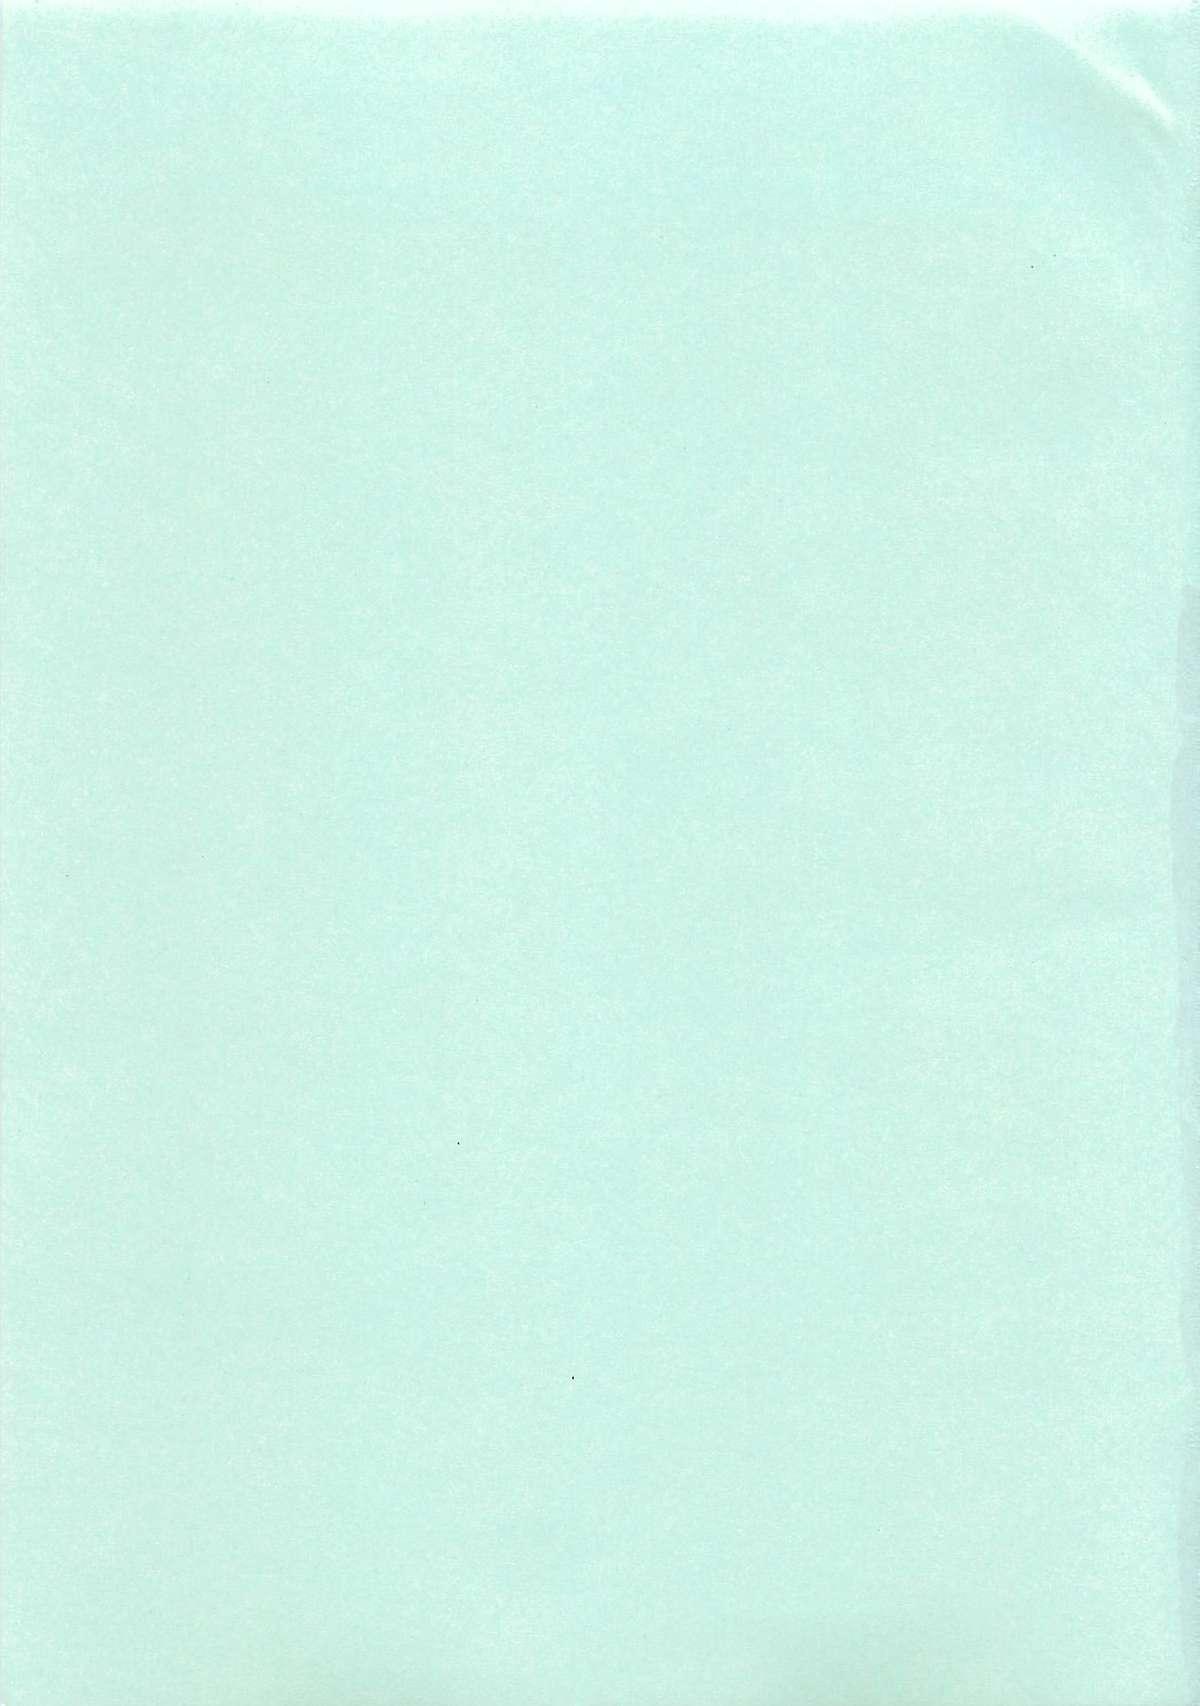 Otokonoko HEAVEN Vol. 01 Meganekko 3